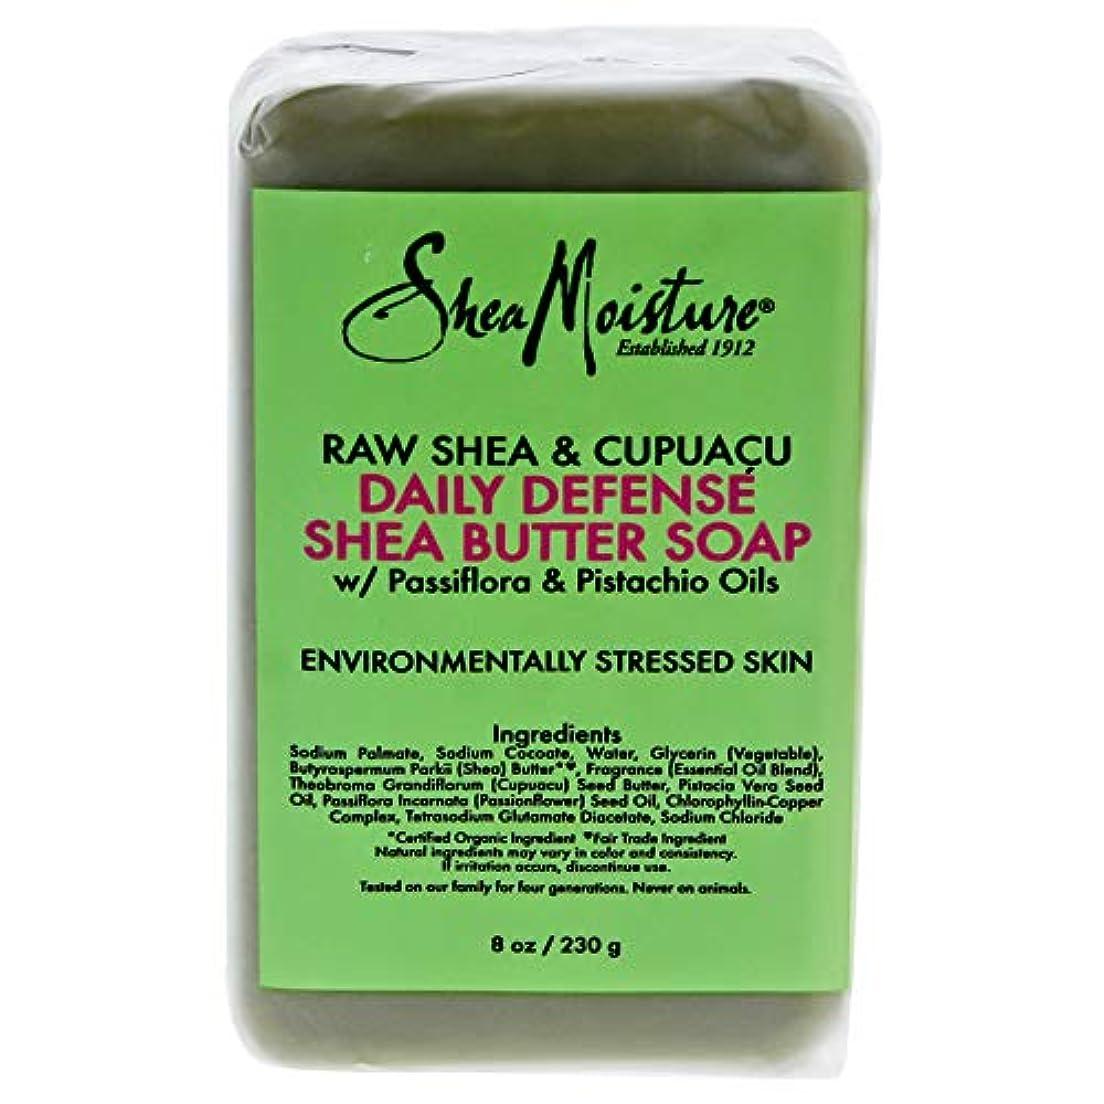 フォージ禁止するガムShea Moisture U-BB-2717 Raw Shea & Cupuacu Daily Defense Shea Butter Soap for Unisex - 8 oz